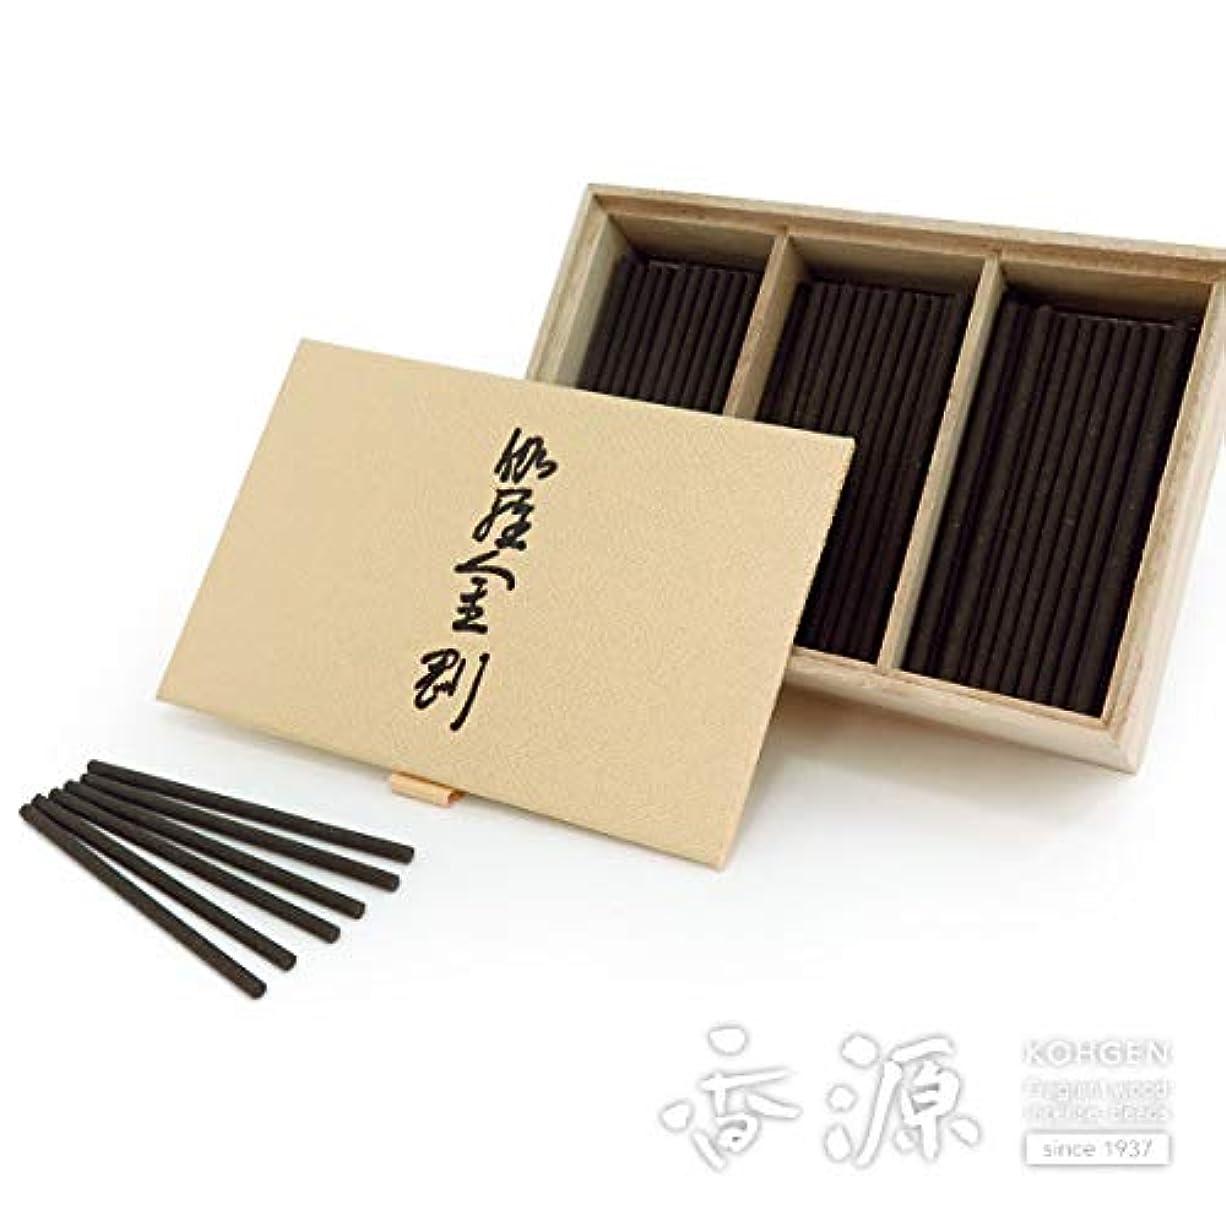 民間かごこどもの日日本香堂のお香 伽羅金剛 スティックミニ寸お徳用 150本入り